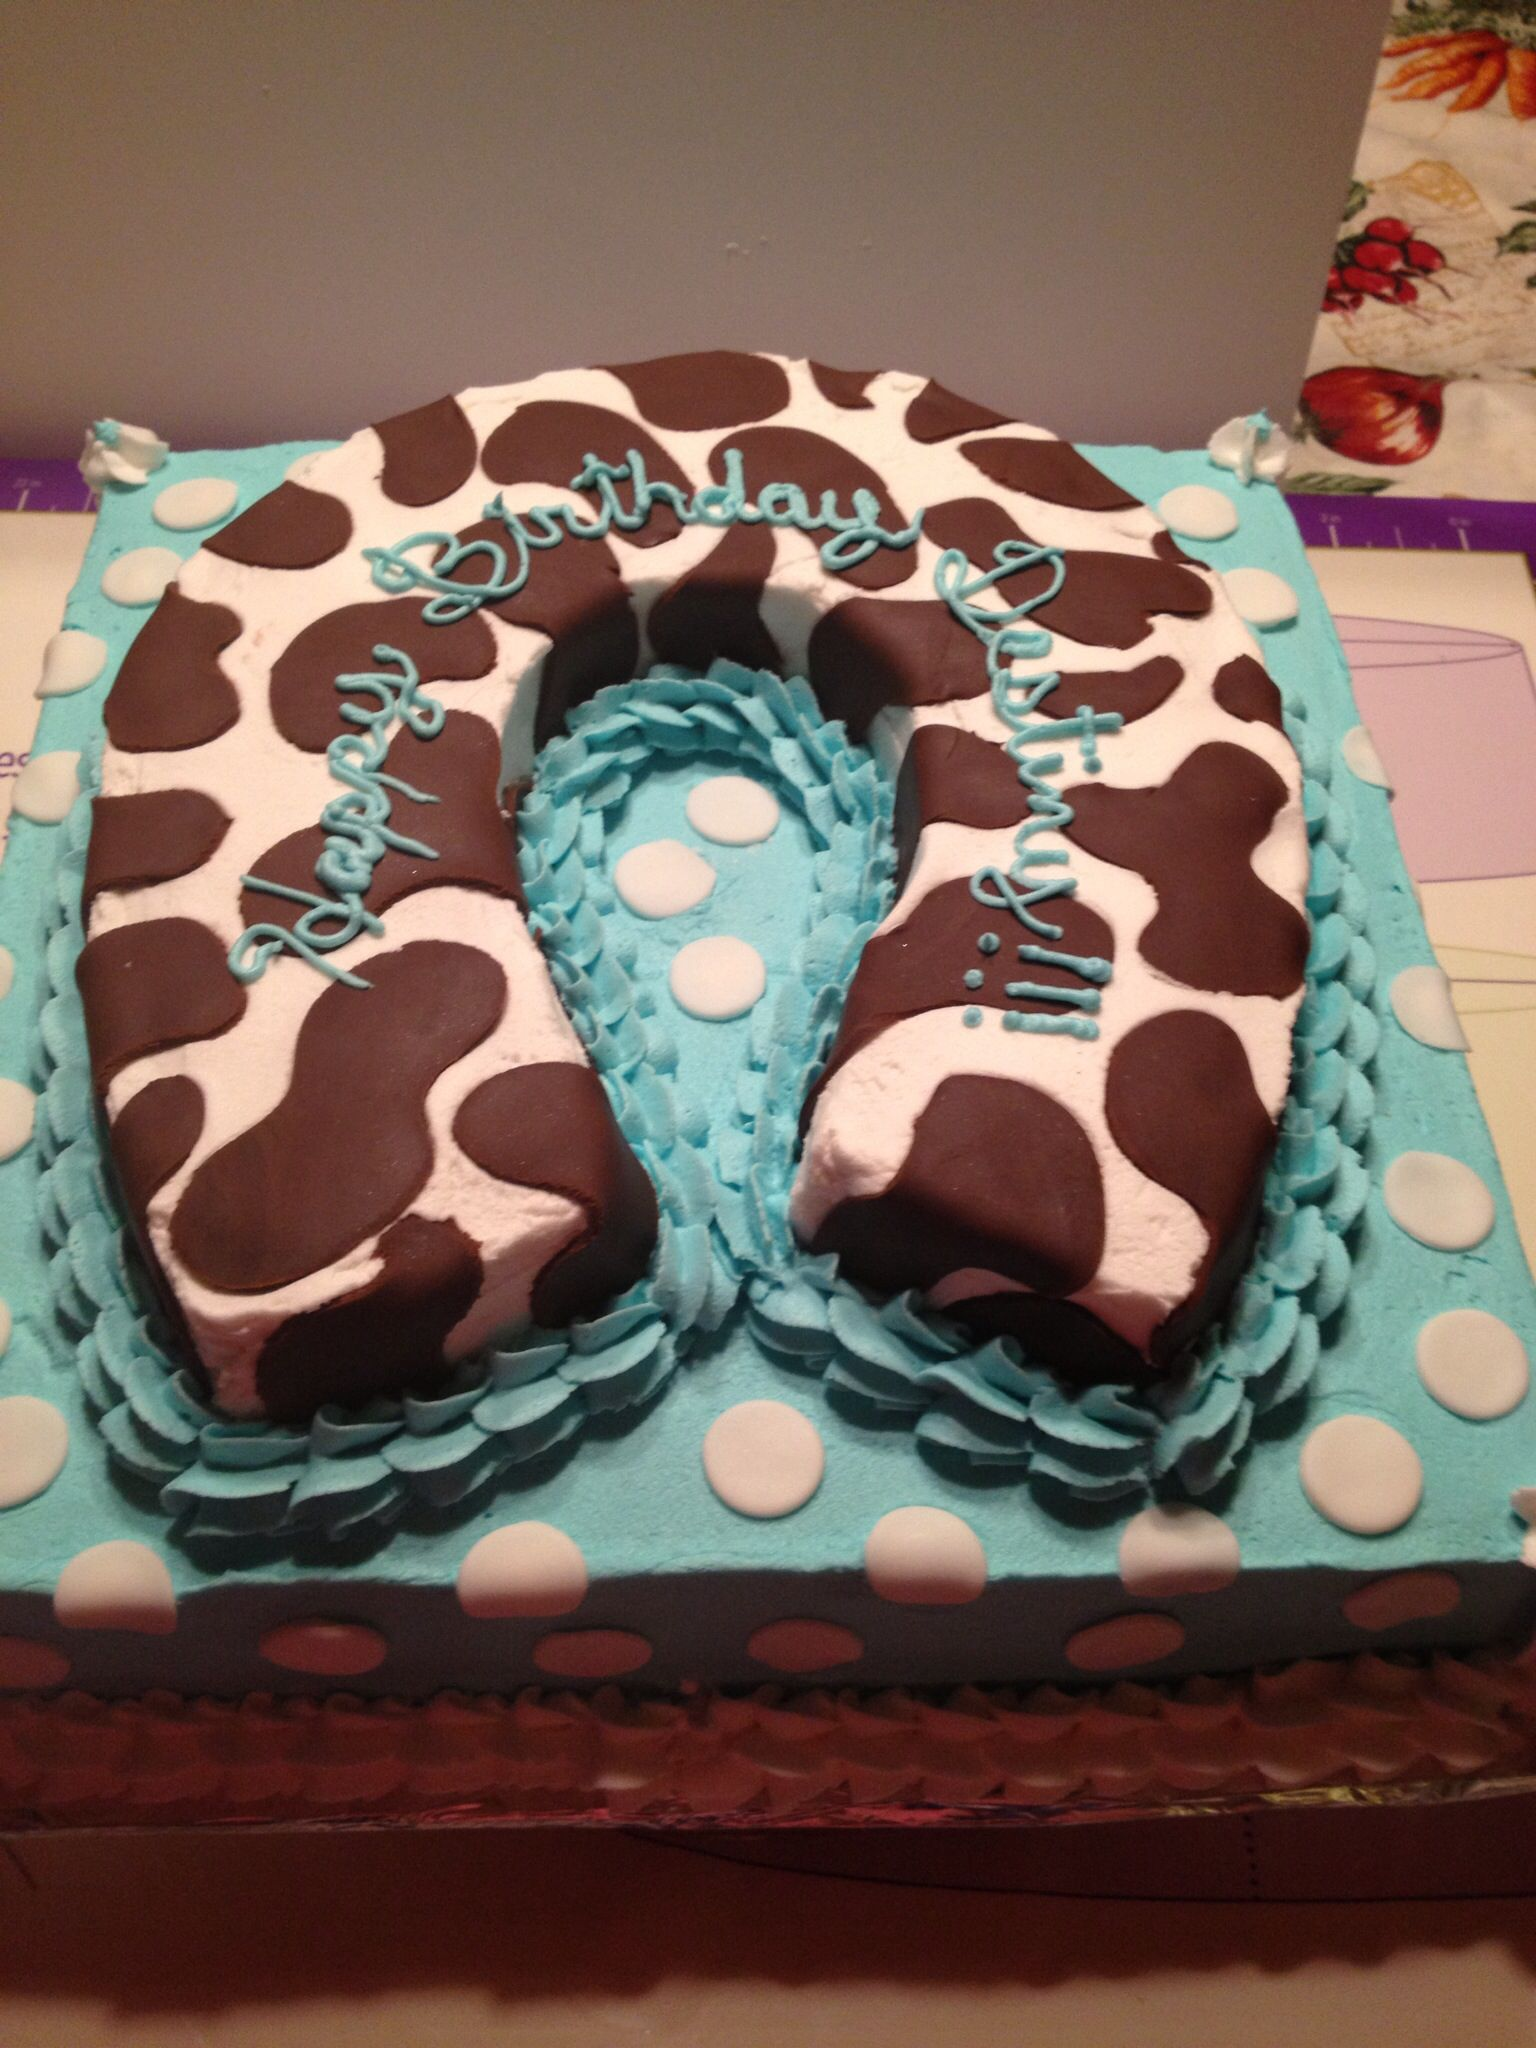 Horseshoe Birthday Cake With Images Cupcake Recipes Cake